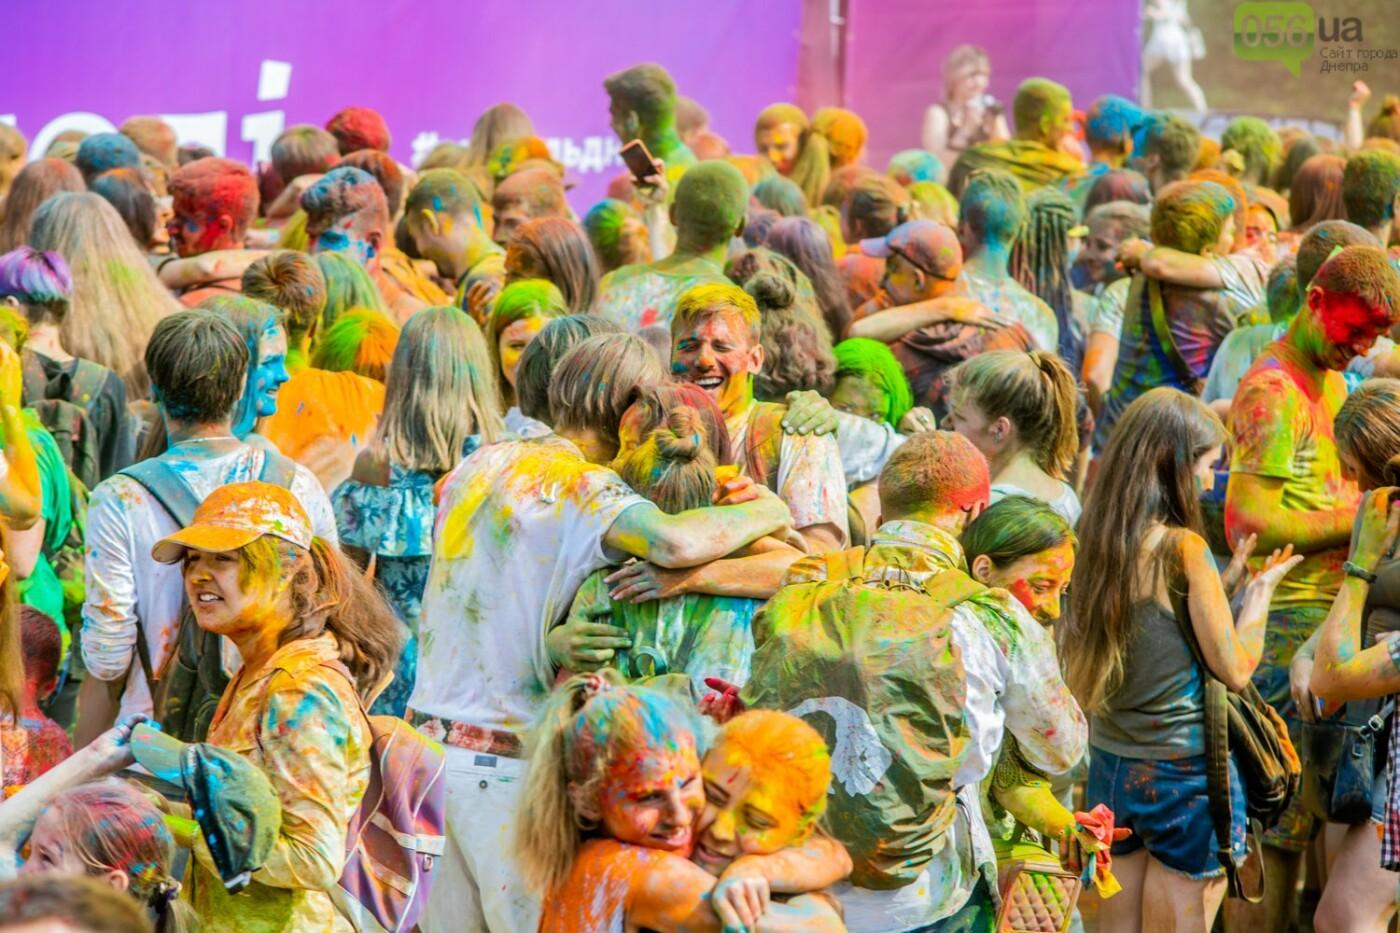 Фестиваль красок и свадьбы: как в Днепре прошел День молодежи, - ФОТОРЕПОРТАЖ, ВИДЕО, фото-21